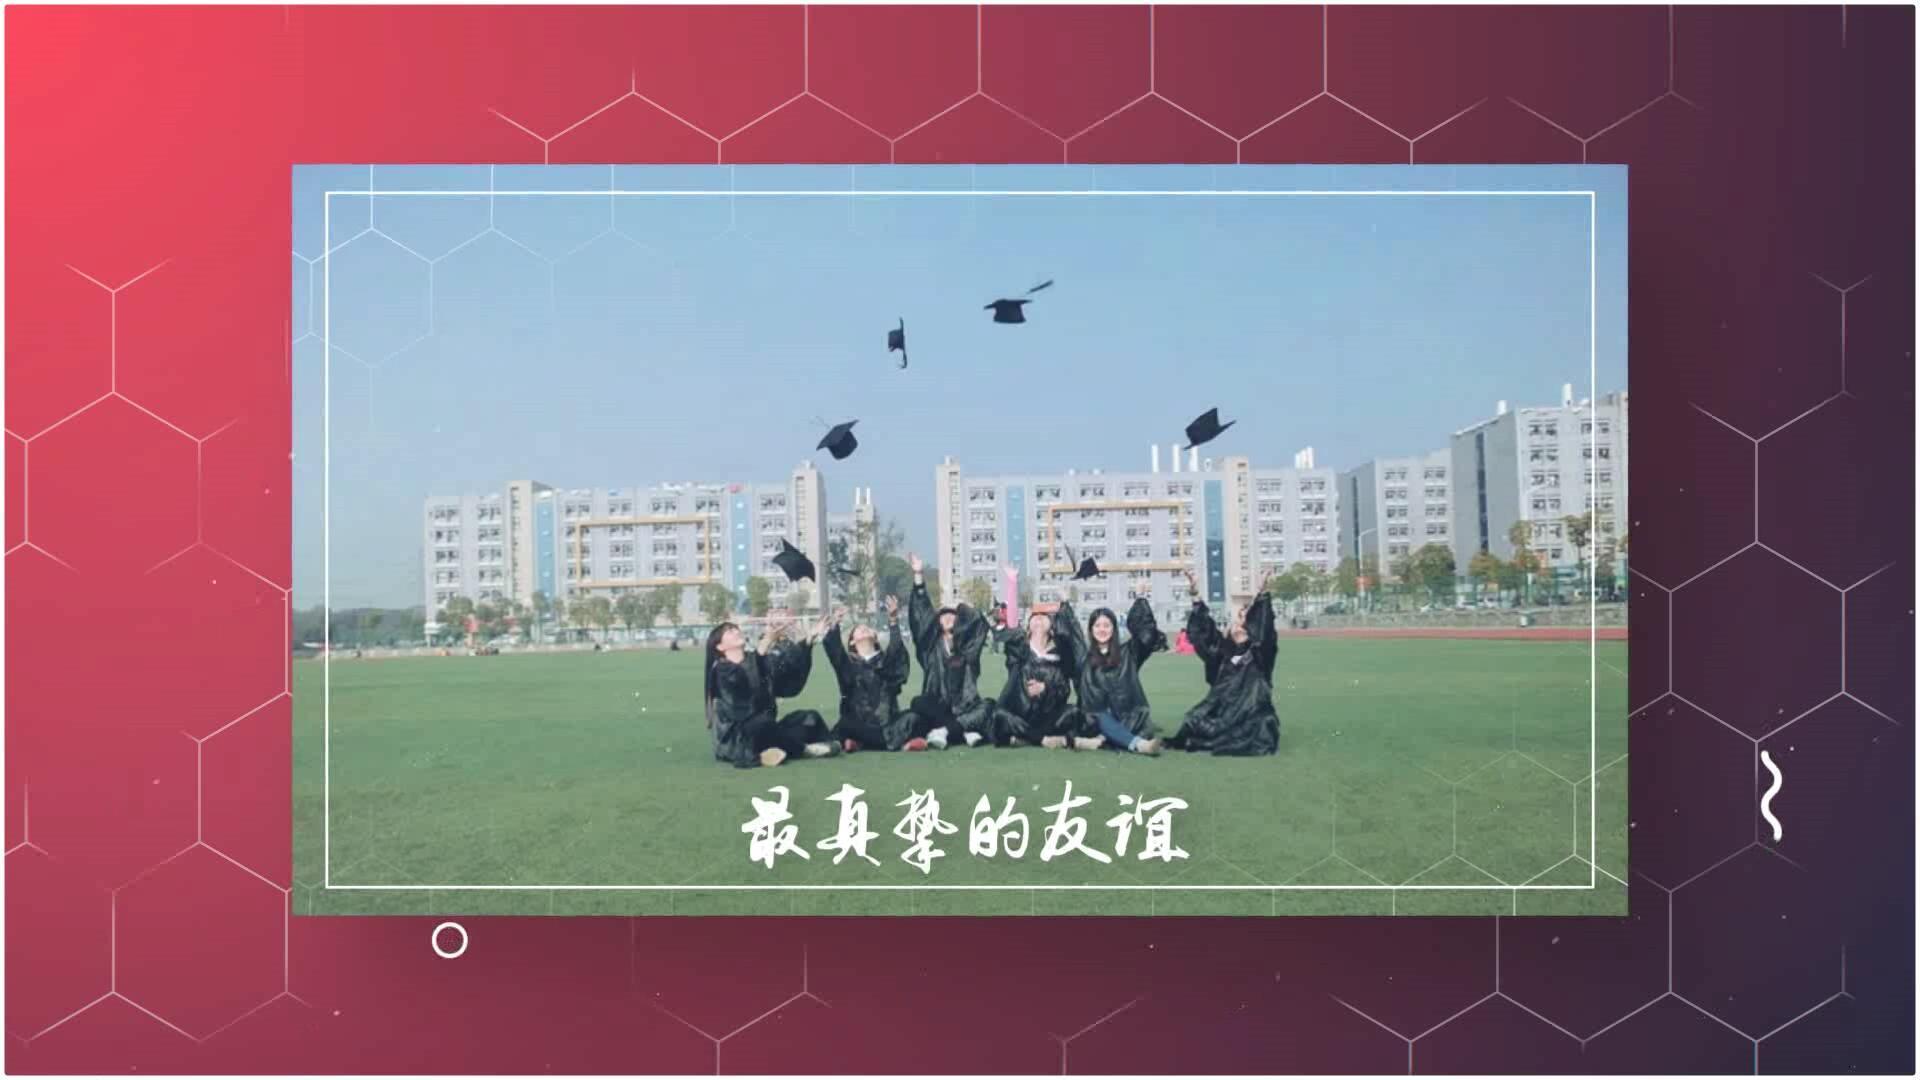 我们毕业了毕业季图文展示AE模板